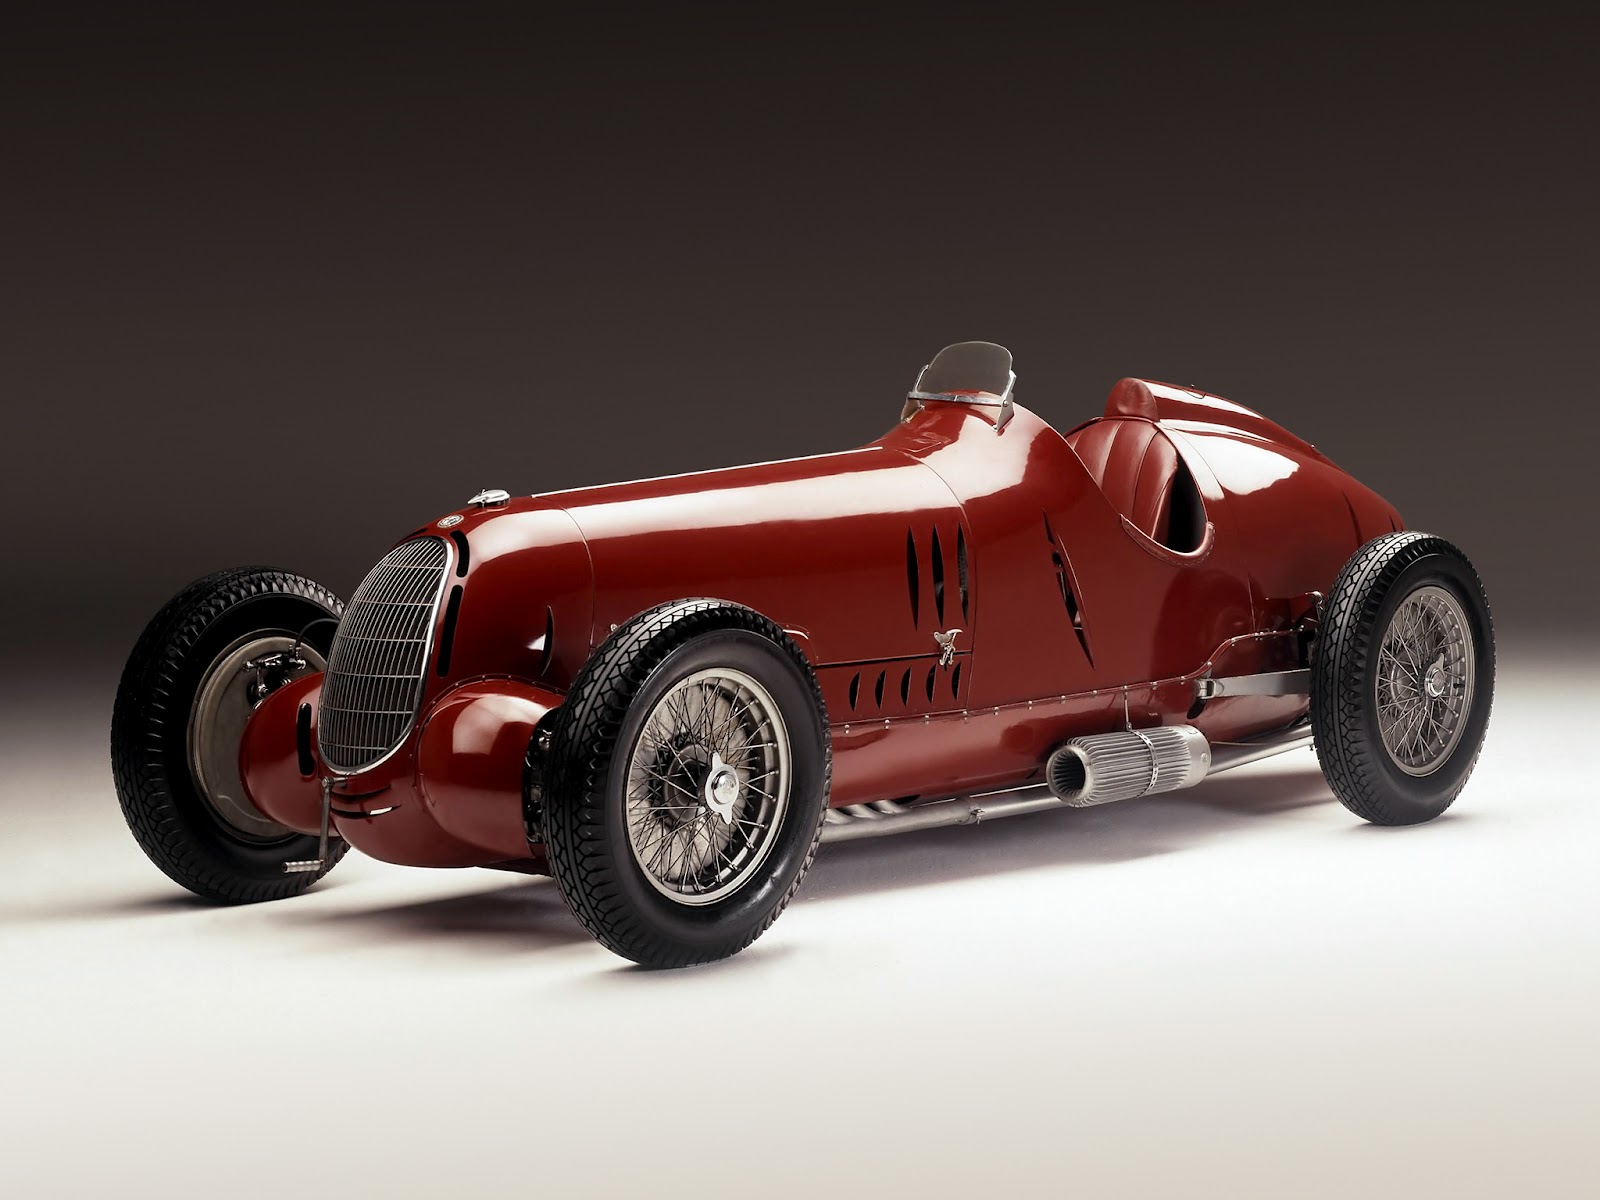 1971 Toyota Land Cruiser Retro Cars: Alfa Romeo Tipo C (12C-36) '1936